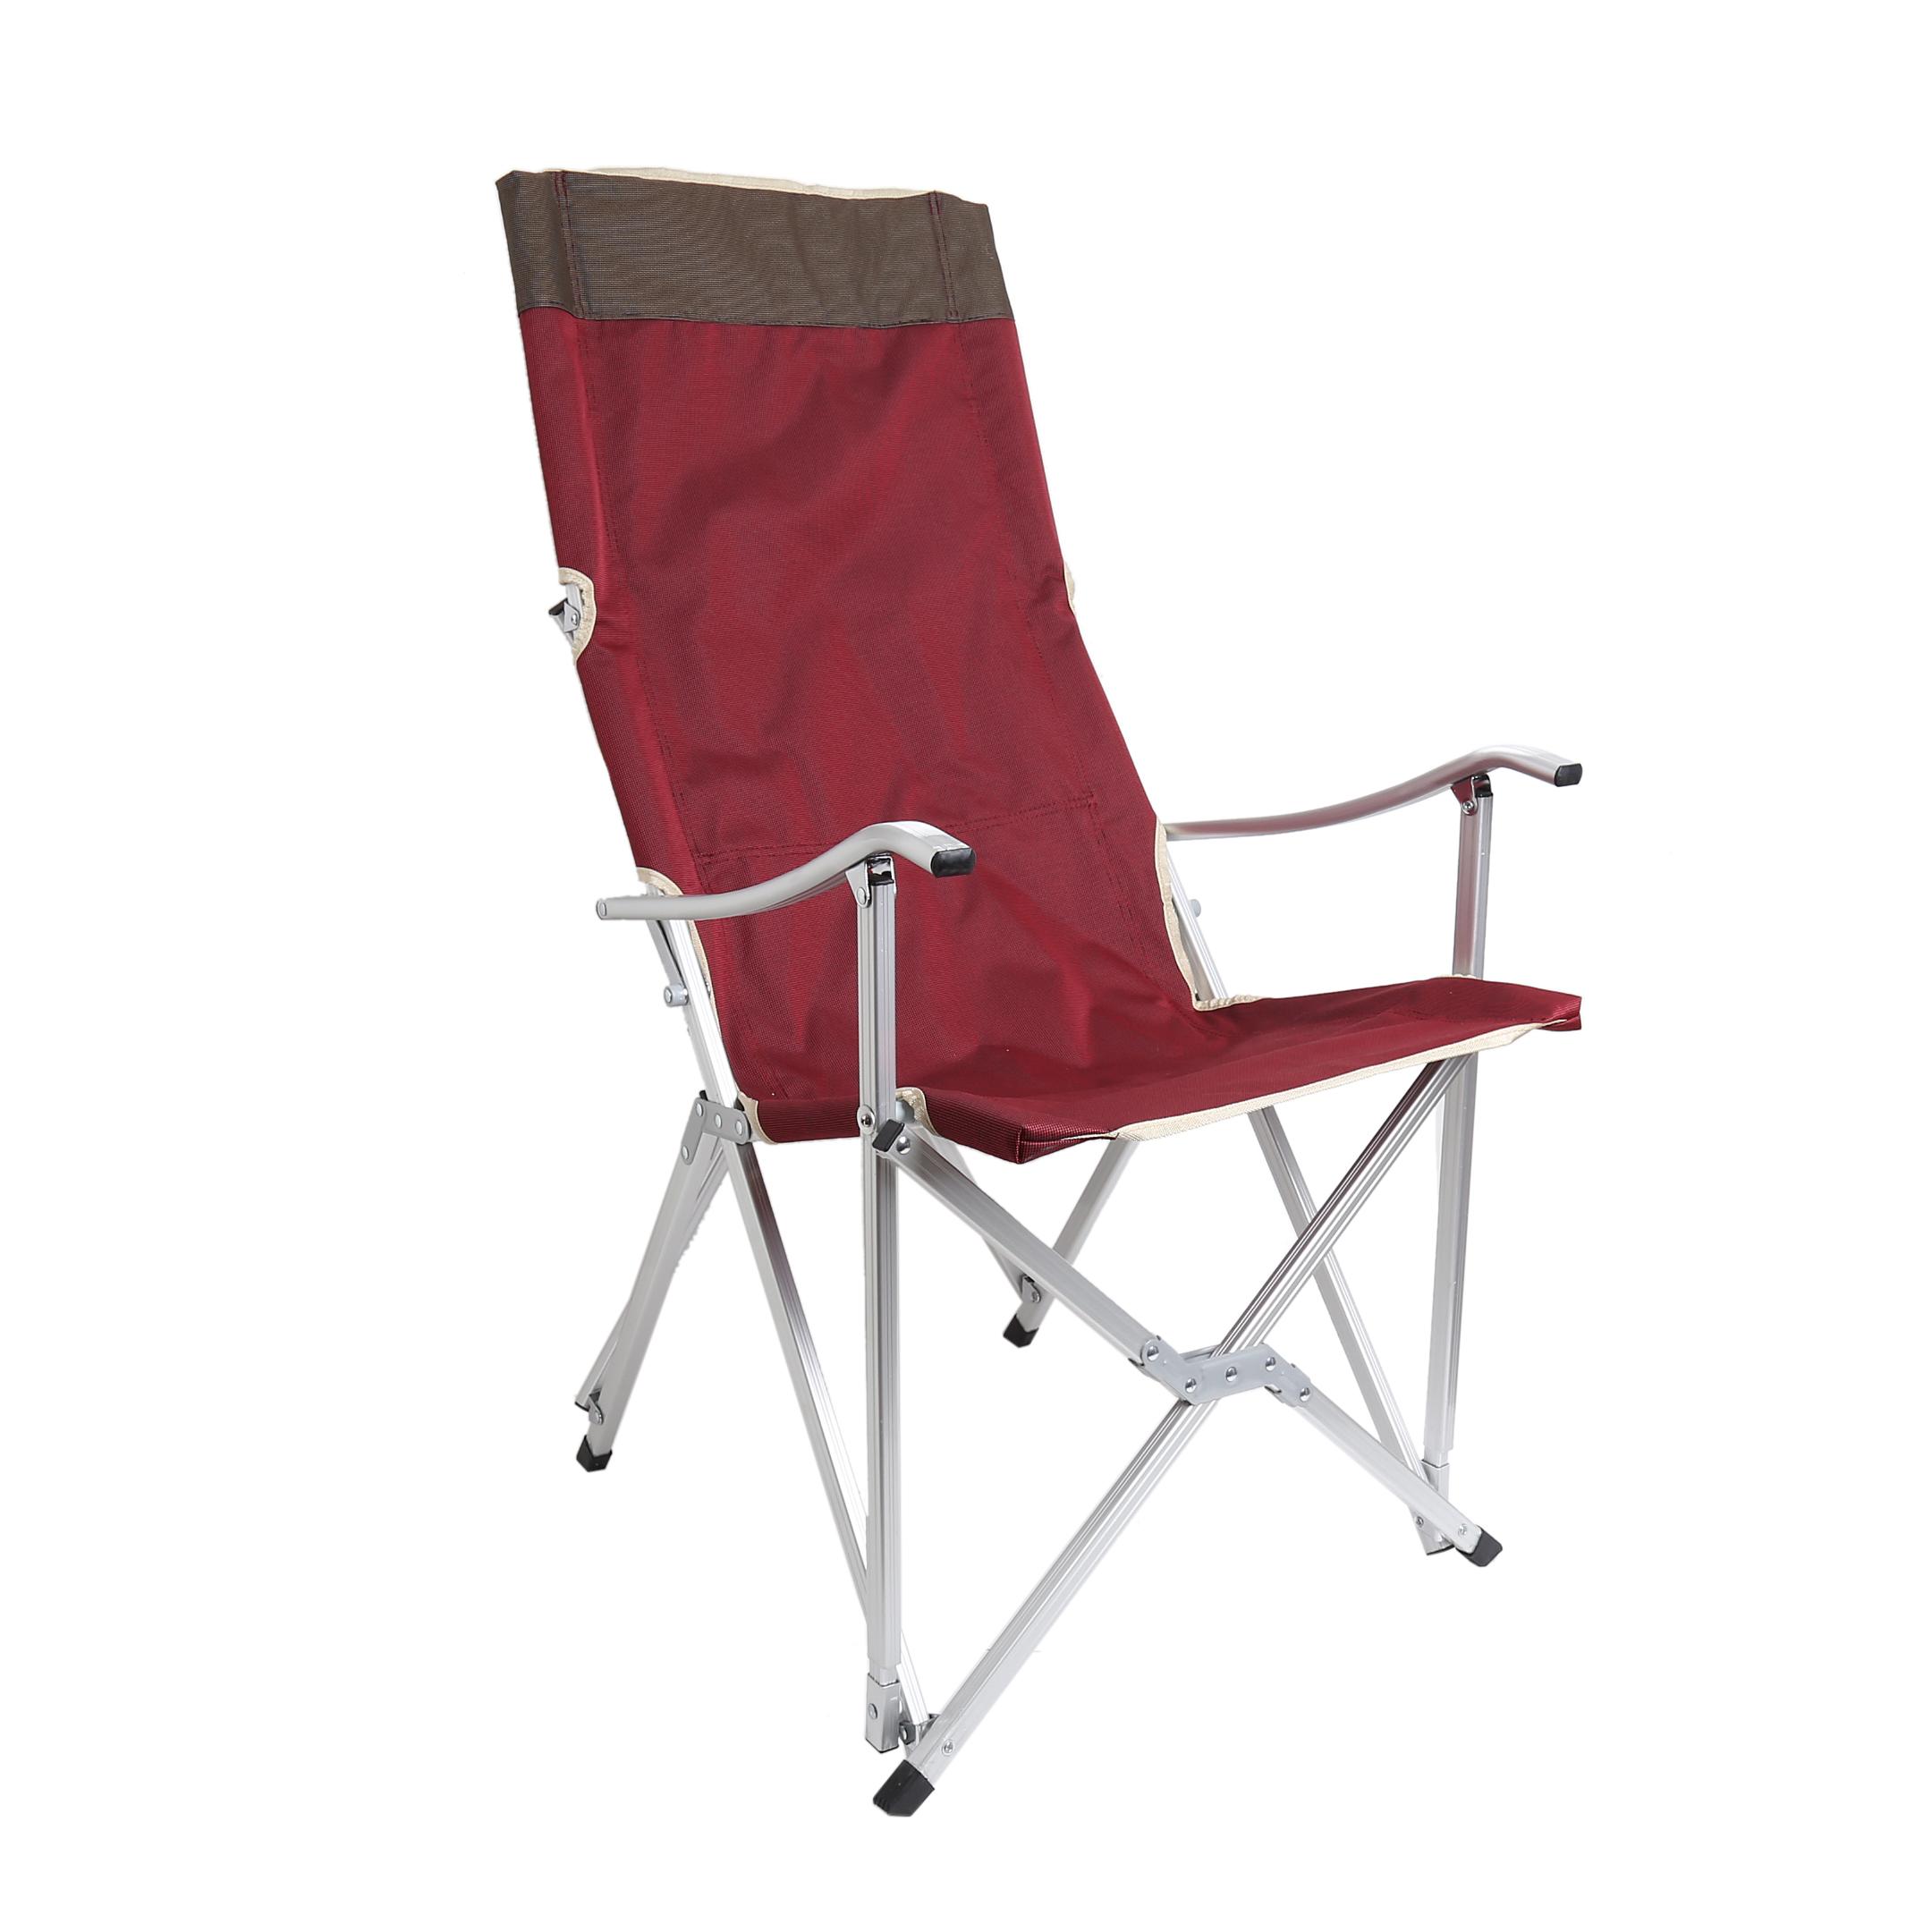 户外折叠椅铝合金超轻便携式靠背椅休闲椅导演椅钓鱼椅沙滩椅躺椅